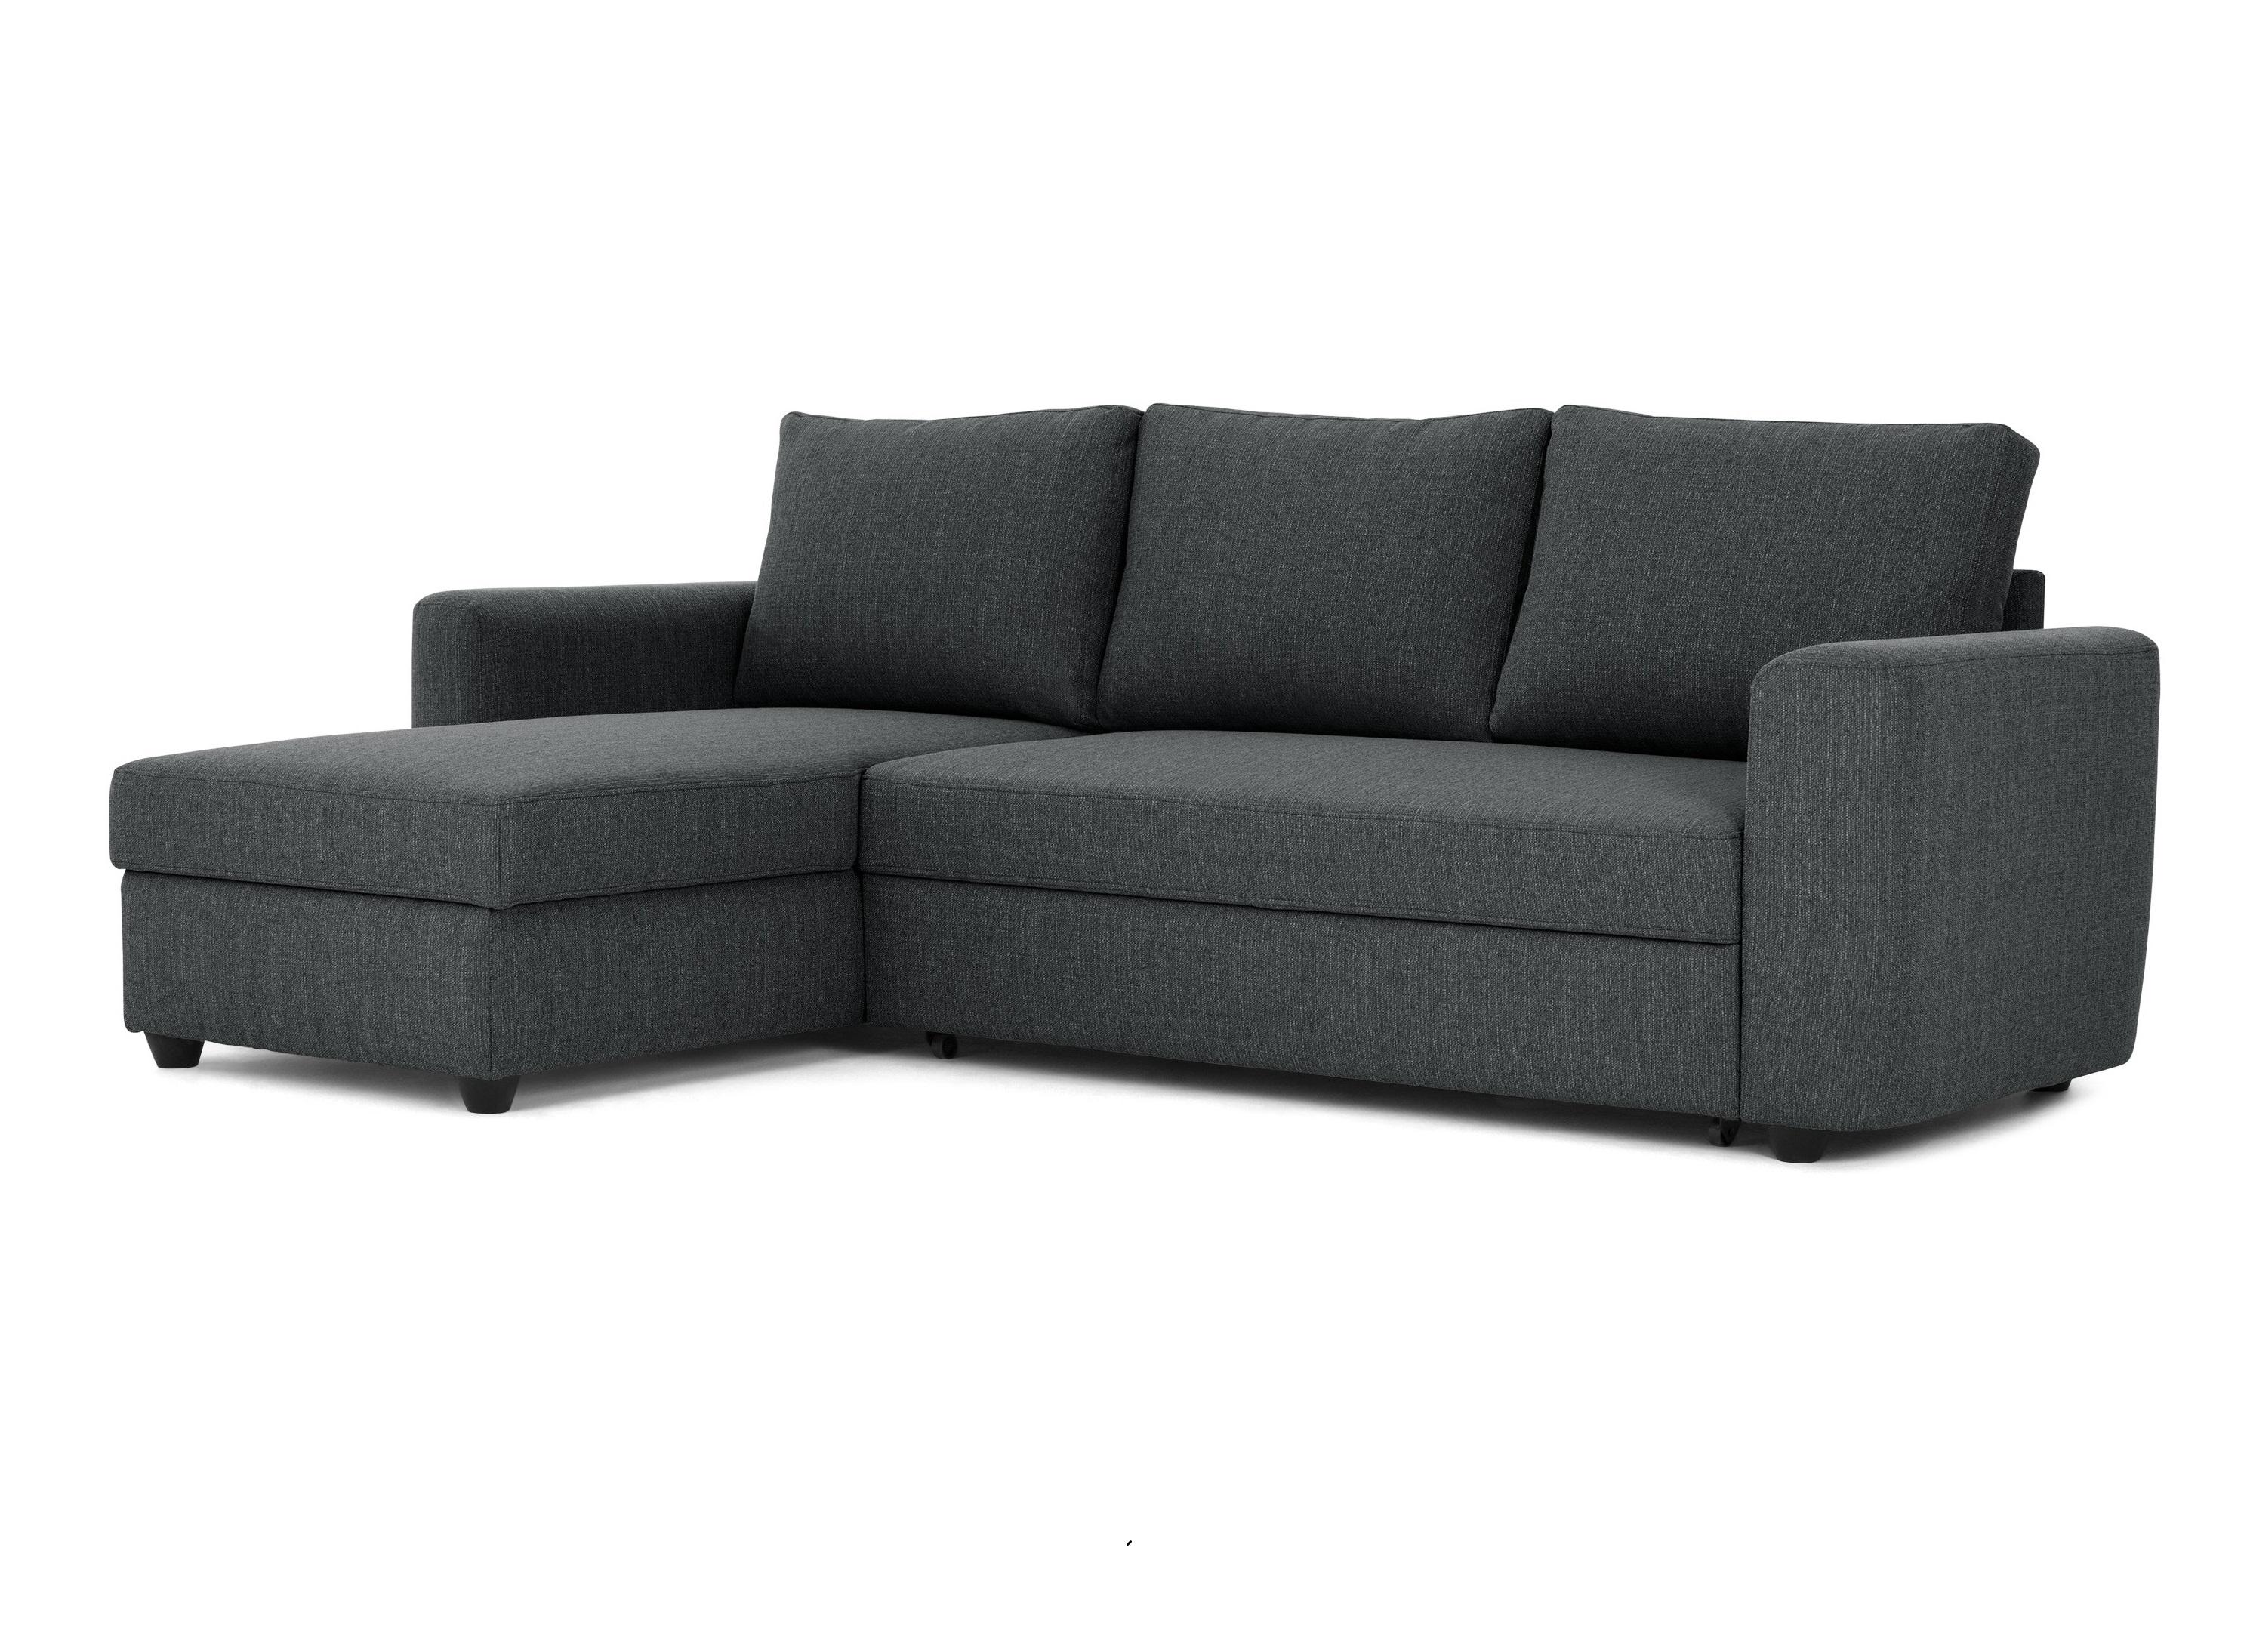 Угловой диван MarbleУгловые раскладные диваны<br>&amp;lt;div&amp;gt;&amp;lt;div&amp;gt;Если у вас свободного места в обрез, то разумным вложением станет диван &amp;quot;Marble&amp;quot;, ведь вы сами можете определять положение его угла. Этот комфортный угловой диван, легким движением руки, р&amp;lt;span style=&amp;quot;font-size: 14px;&amp;quot;&amp;gt;аскладывается в просторное спальное место. Идеальное решение для самых внезапных гостей.&amp;lt;/span&amp;gt;&amp;lt;/div&amp;gt;&amp;lt;div&amp;gt;&amp;lt;br&amp;gt;&amp;lt;/div&amp;gt;&amp;lt;/div&amp;gt;&amp;lt;div&amp;gt;Возможность менять сторону угла (правый,левый).&amp;amp;nbsp;&amp;lt;/div&amp;gt;&amp;lt;div&amp;gt;&amp;lt;span style=&amp;quot;font-size: 14px;&amp;quot;&amp;gt;Ламели включены в стоимость.&amp;amp;nbsp;&amp;lt;/span&amp;gt;&amp;lt;br&amp;gt;&amp;lt;/div&amp;gt;&amp;lt;div&amp;gt;&amp;lt;span style=&amp;quot;font-size: 14px;&amp;quot;&amp;gt;Раскладной механизм: дельфин.&amp;lt;/span&amp;gt;&amp;lt;br&amp;gt;&amp;lt;/div&amp;gt;&amp;lt;div&amp;gt;&amp;lt;span style=&amp;quot;font-size: 14px;&amp;quot;&amp;gt;Вместительный ящик для белья (149х19x64cm)&amp;lt;/span&amp;gt;&amp;lt;br&amp;gt;&amp;lt;/div&amp;gt;&amp;lt;div&amp;gt;Размер спального места: 200х140 см.&amp;lt;br&amp;gt;&amp;lt;/div&amp;gt;&amp;lt;div&amp;gt;&amp;lt;br&amp;gt;&amp;lt;/div&amp;gt;Материал: бук, текстиль.&amp;amp;nbsp;&amp;lt;div&amp;gt;Корпус: массив, фанера.&amp;lt;br&amp;gt;&amp;lt;/div&amp;gt;<br><br>Material: Текстиль<br>Ширина см: 243.0<br>Высота см: 83.0<br>Глубина см: 132.0